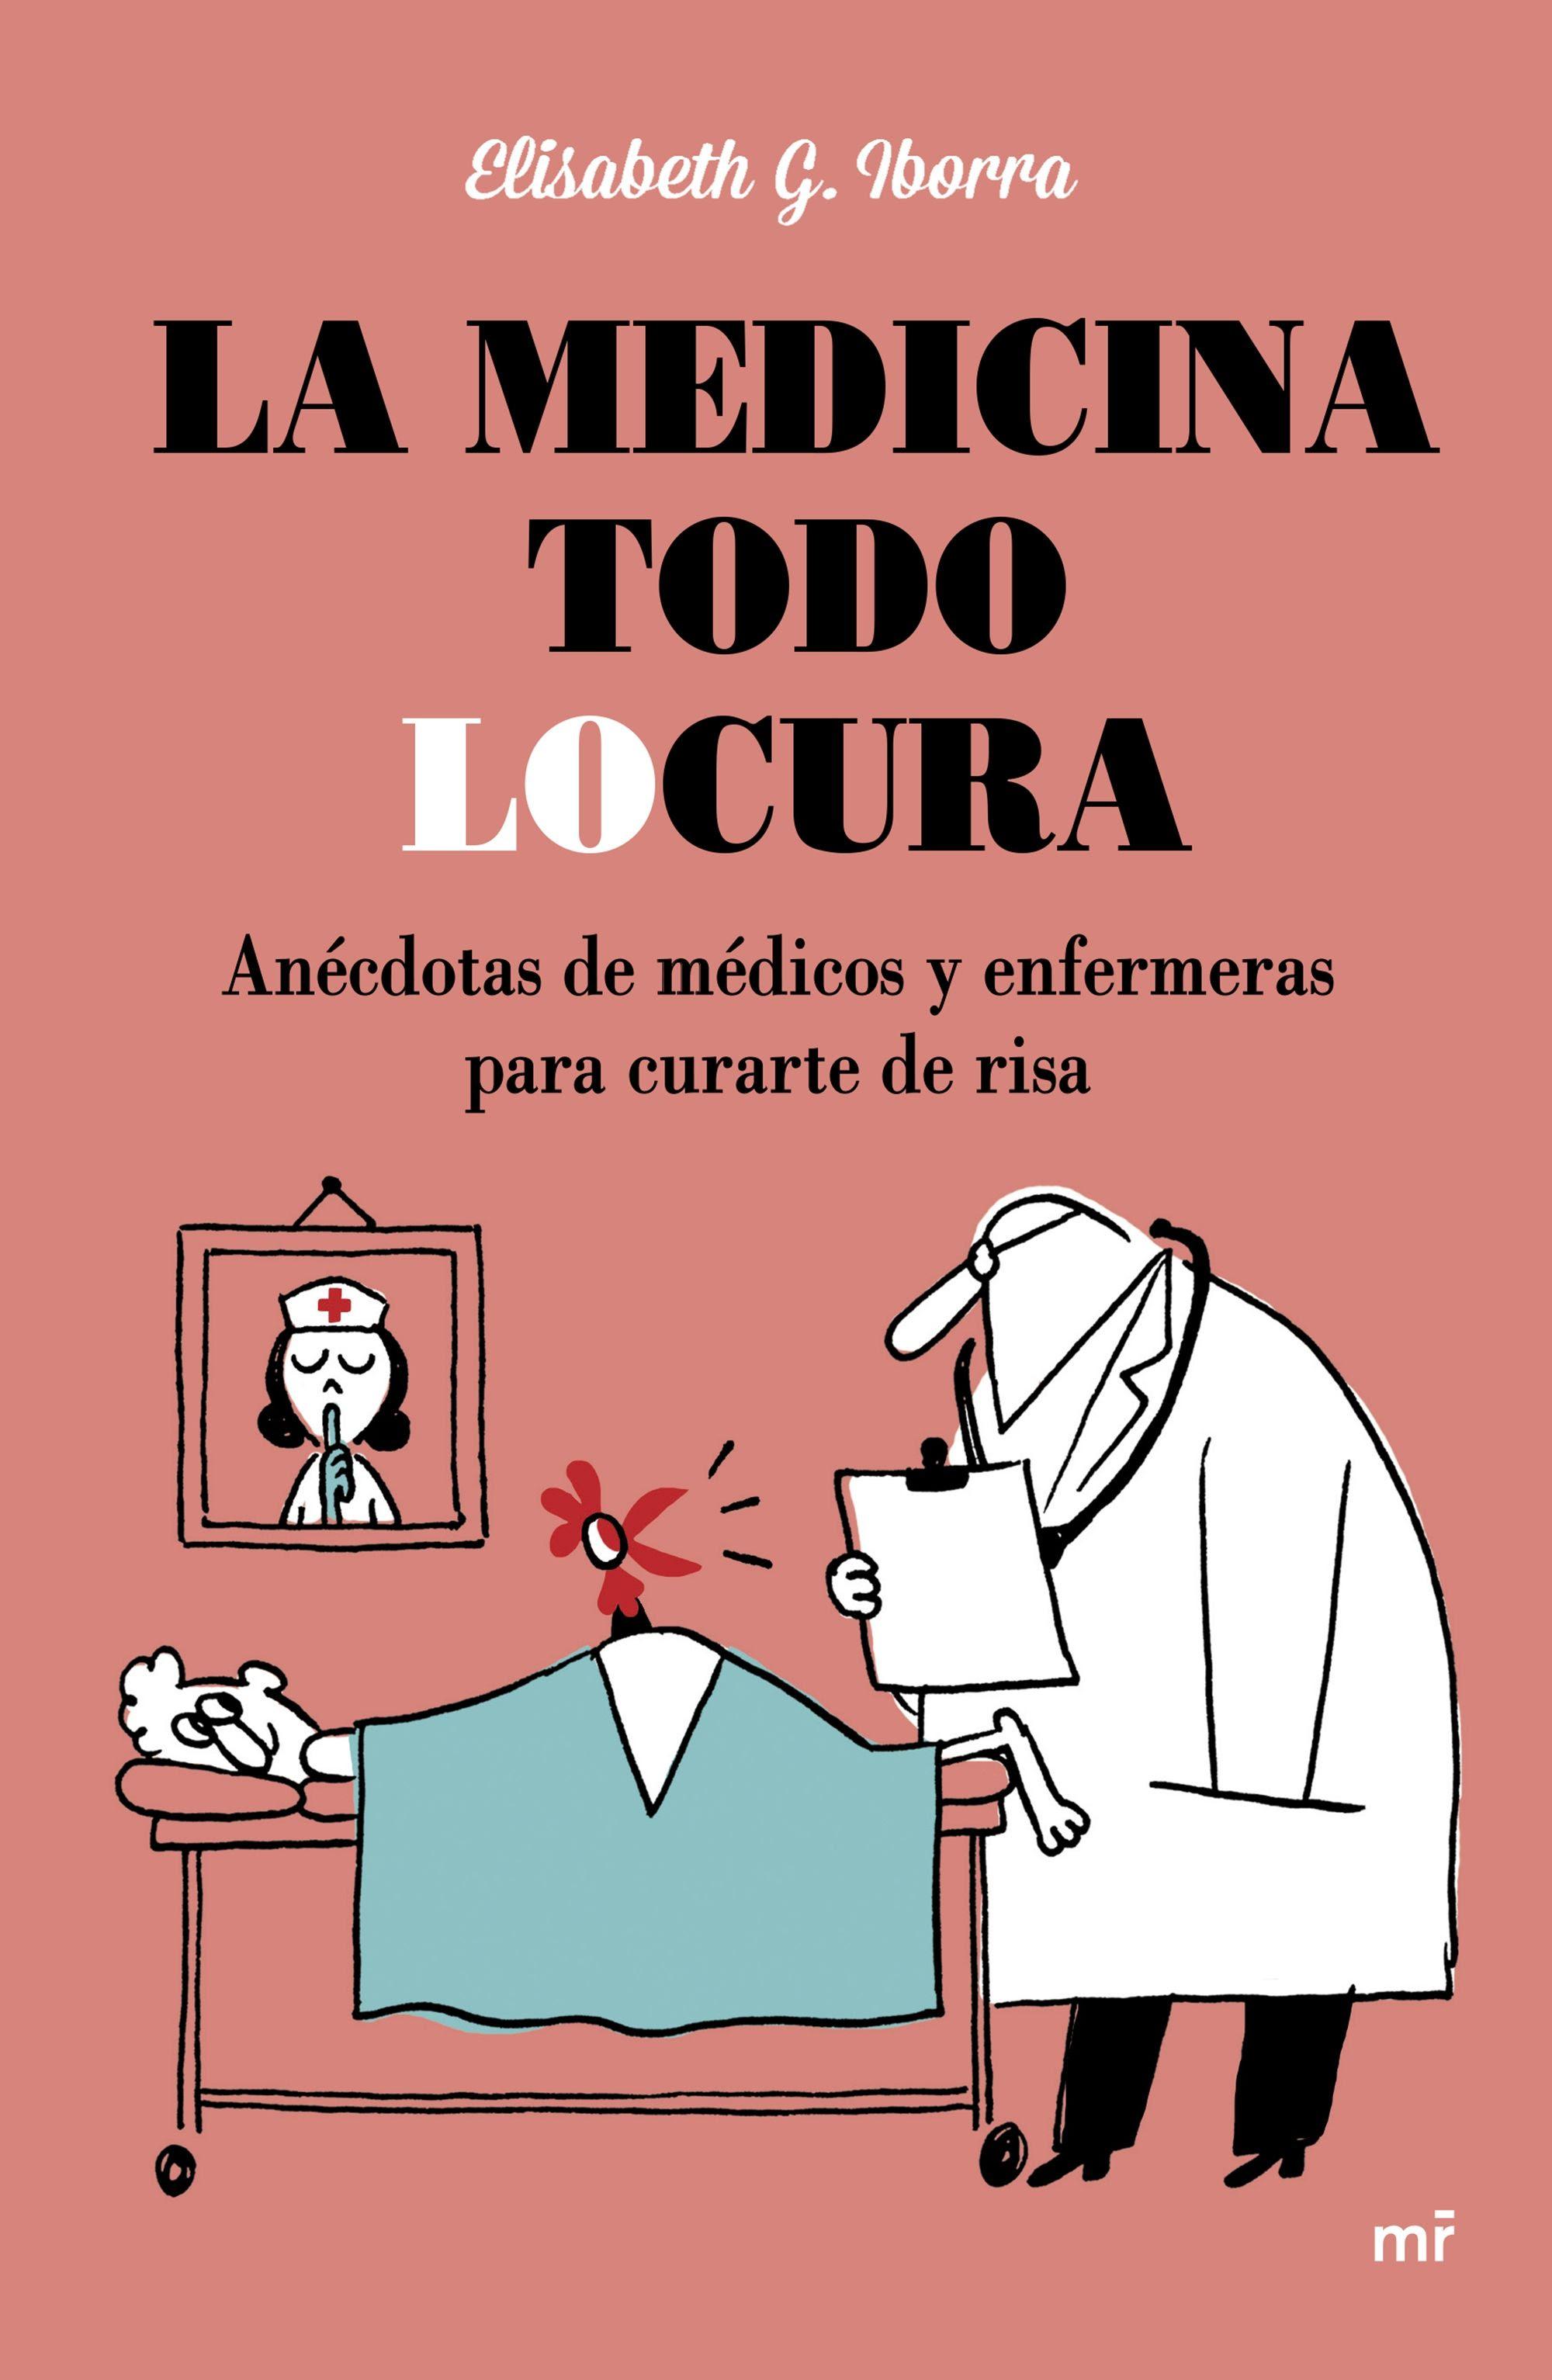 portada_la-medicina-todo-locura_elisabeth-g-iborra_201511021850